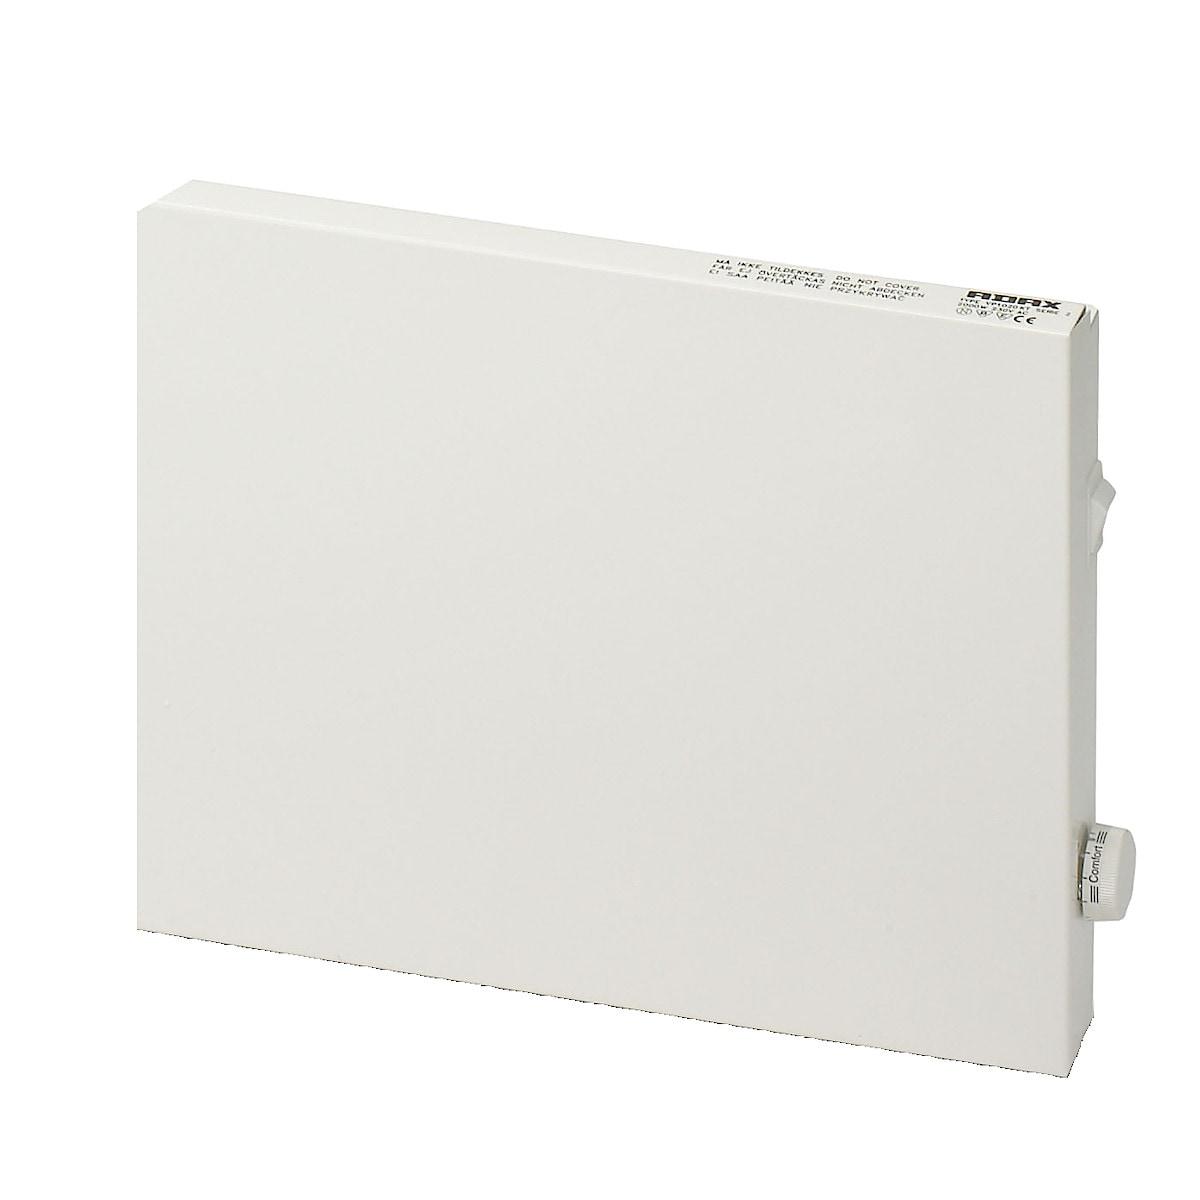 Element 400 W 230 V Adax VP1004KT